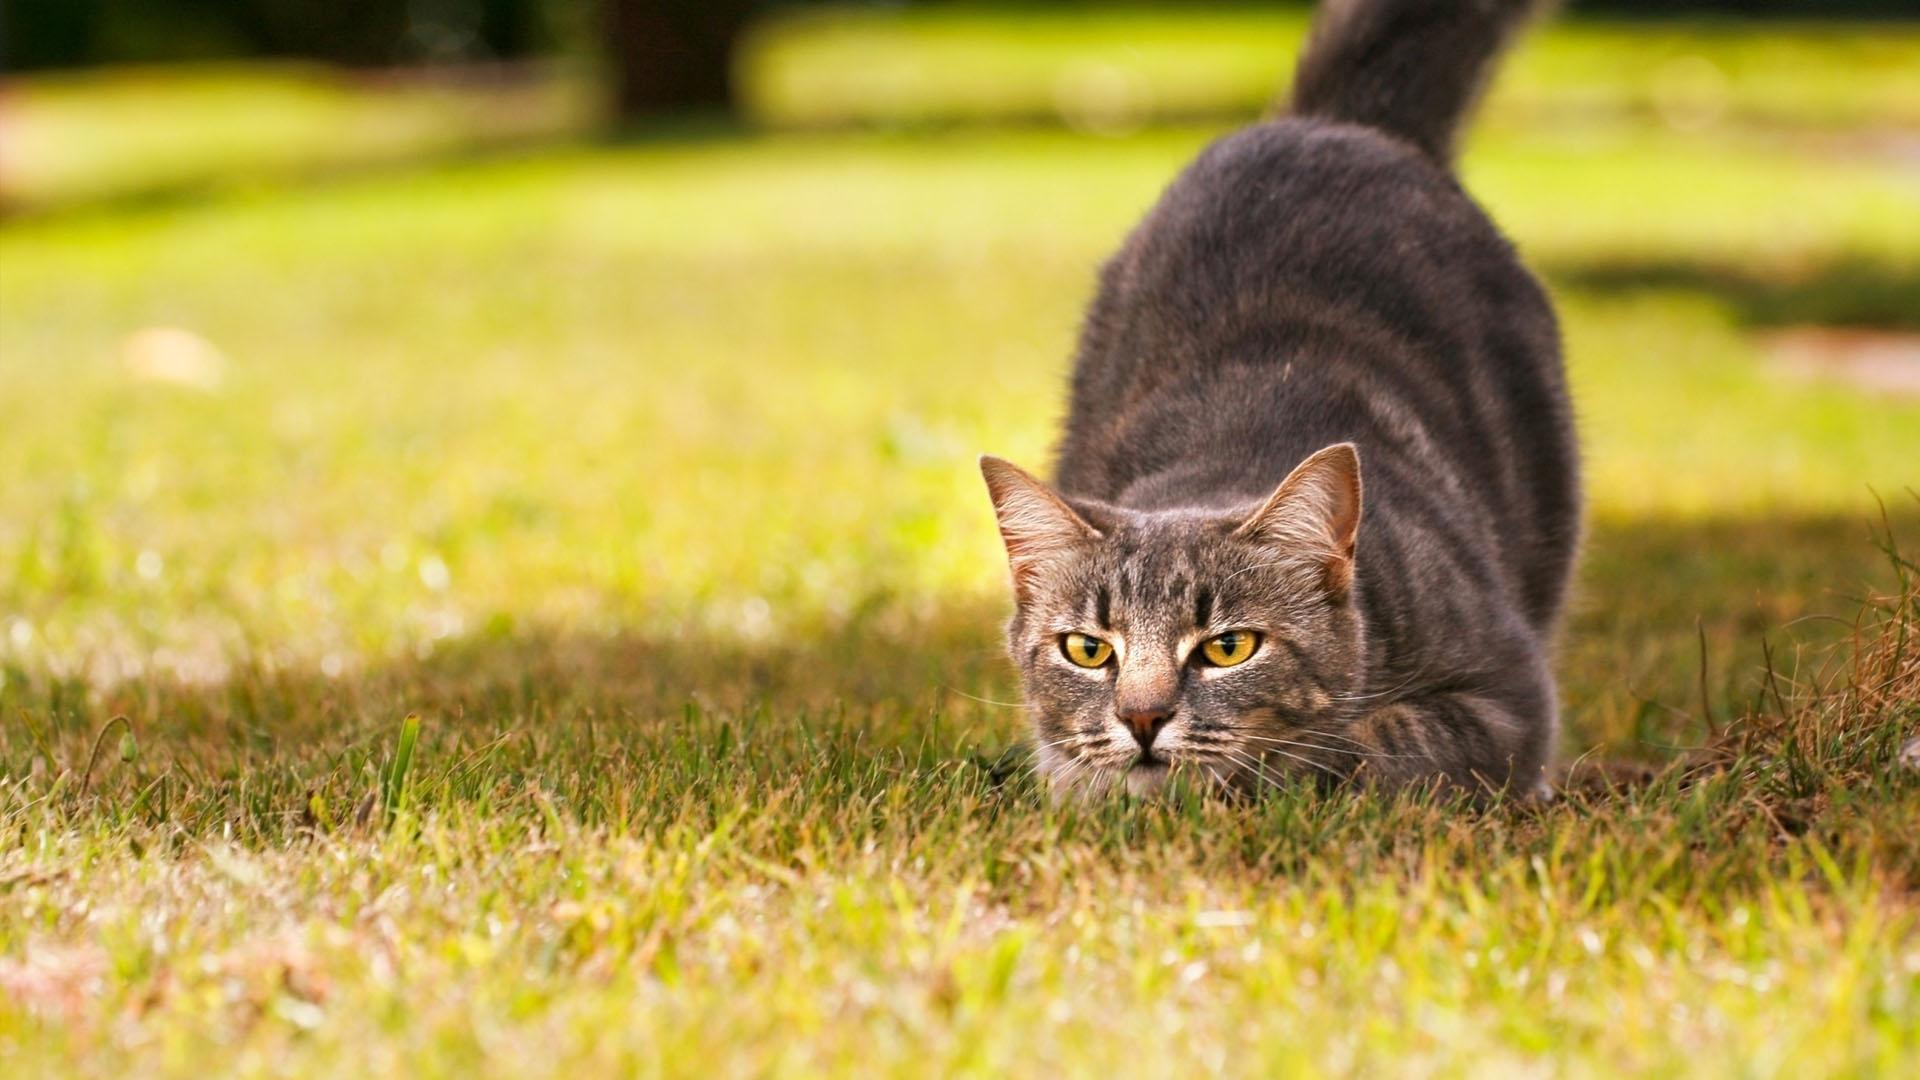 Los felinos, a diferencia de los perros, no suelen depender de las personas para sentirse seguros